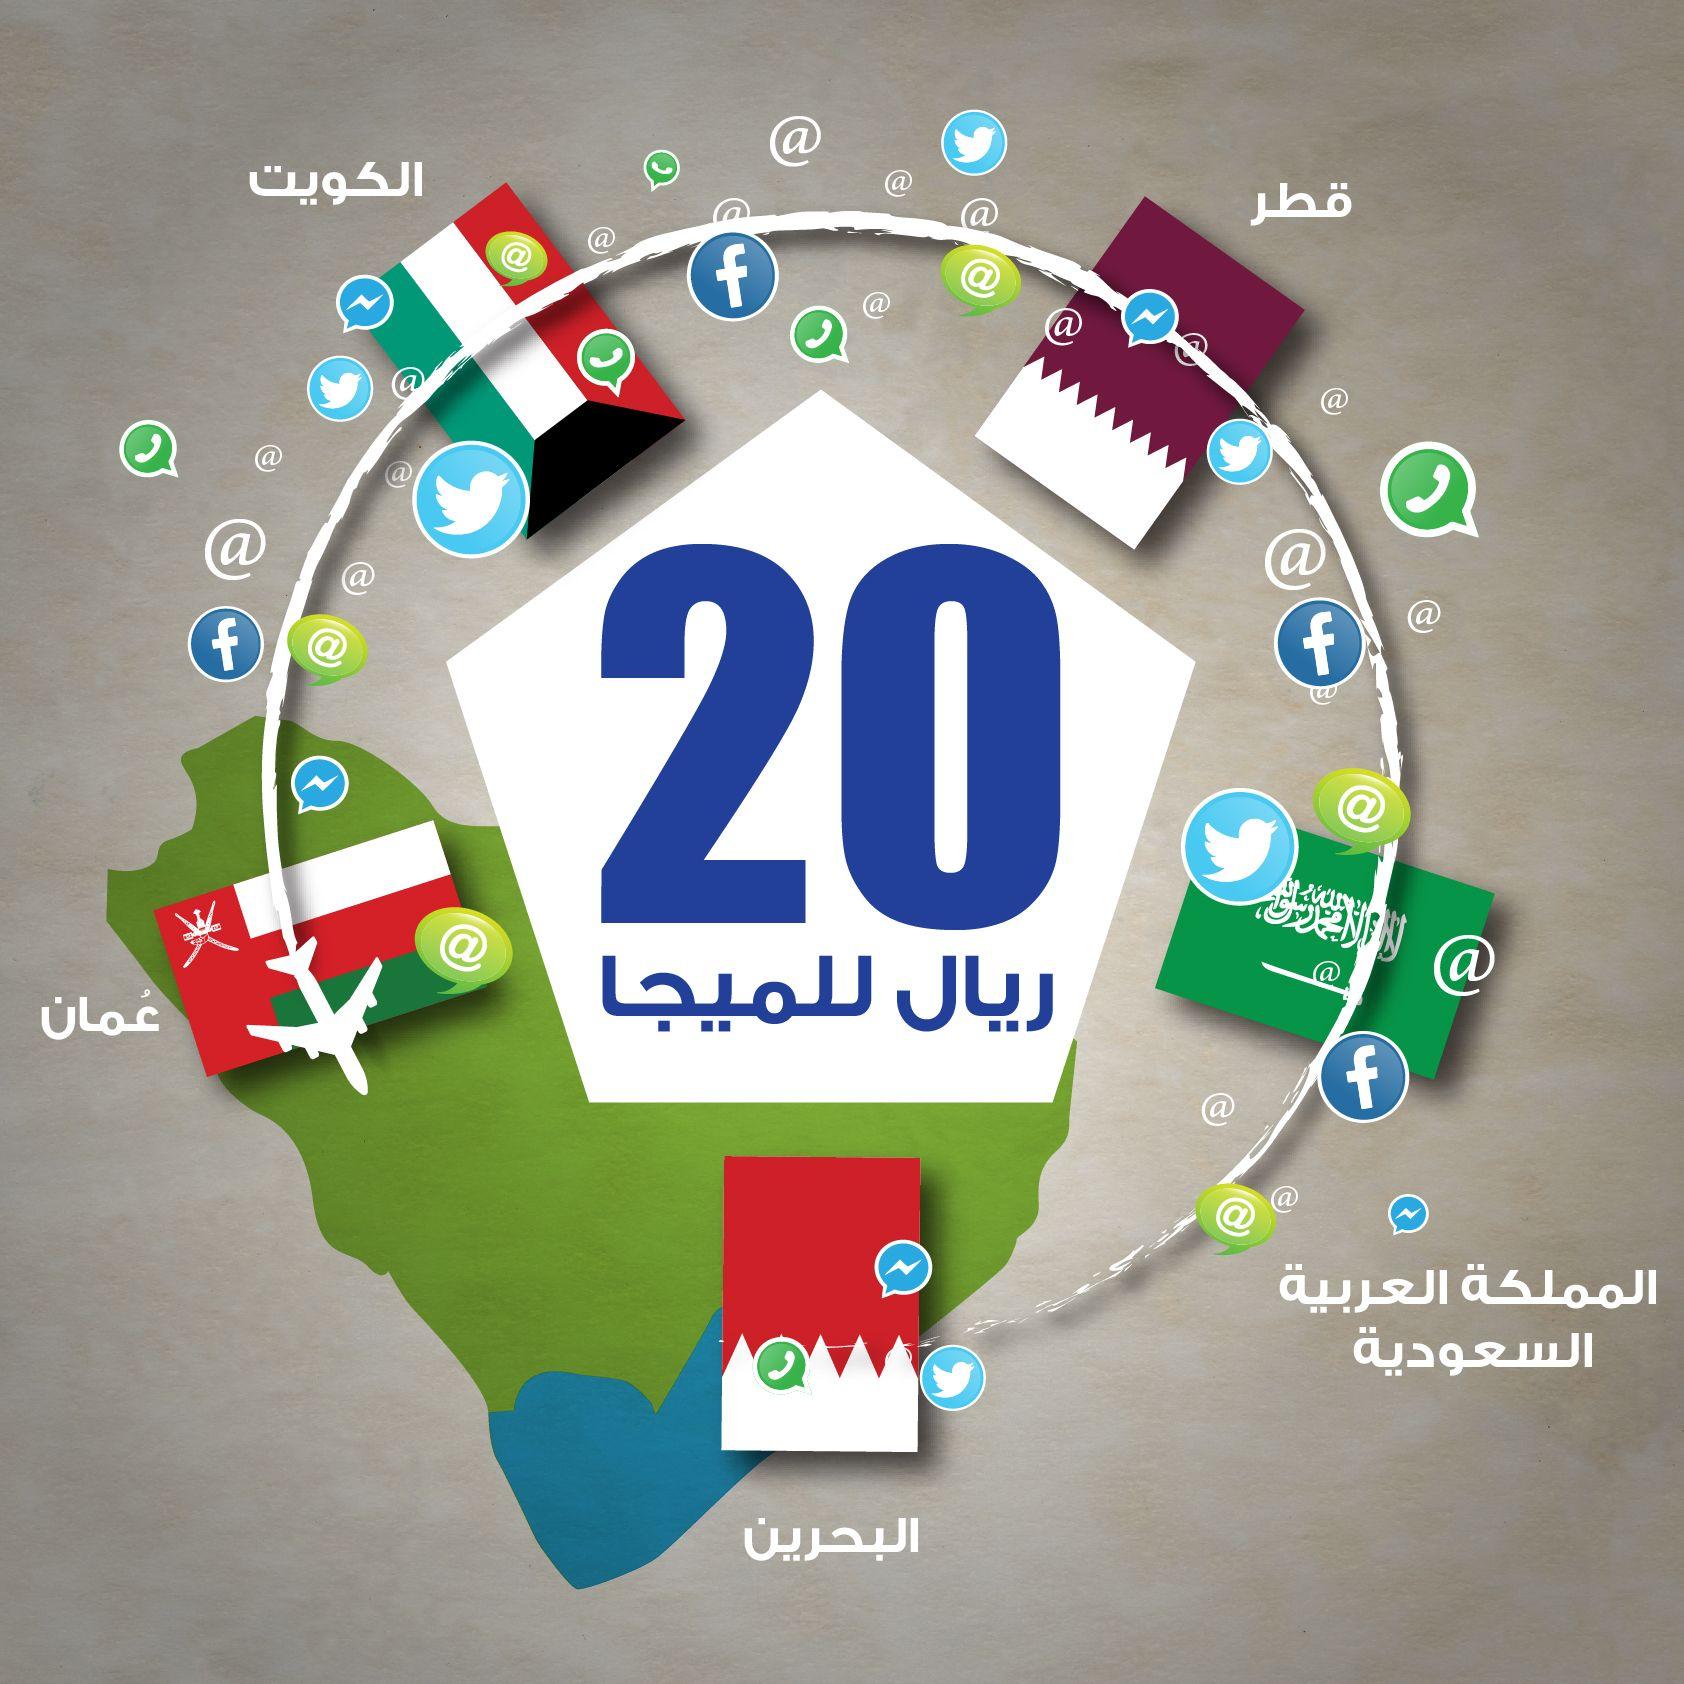 عرض تجوال الانترنت 20 ر ي للميجا هذا العرض لمشتركين خطوط الفوترة بإمكان خطوط الدفع المسبق الإستفادة من هذه الخدمة في السعودية فقط Business